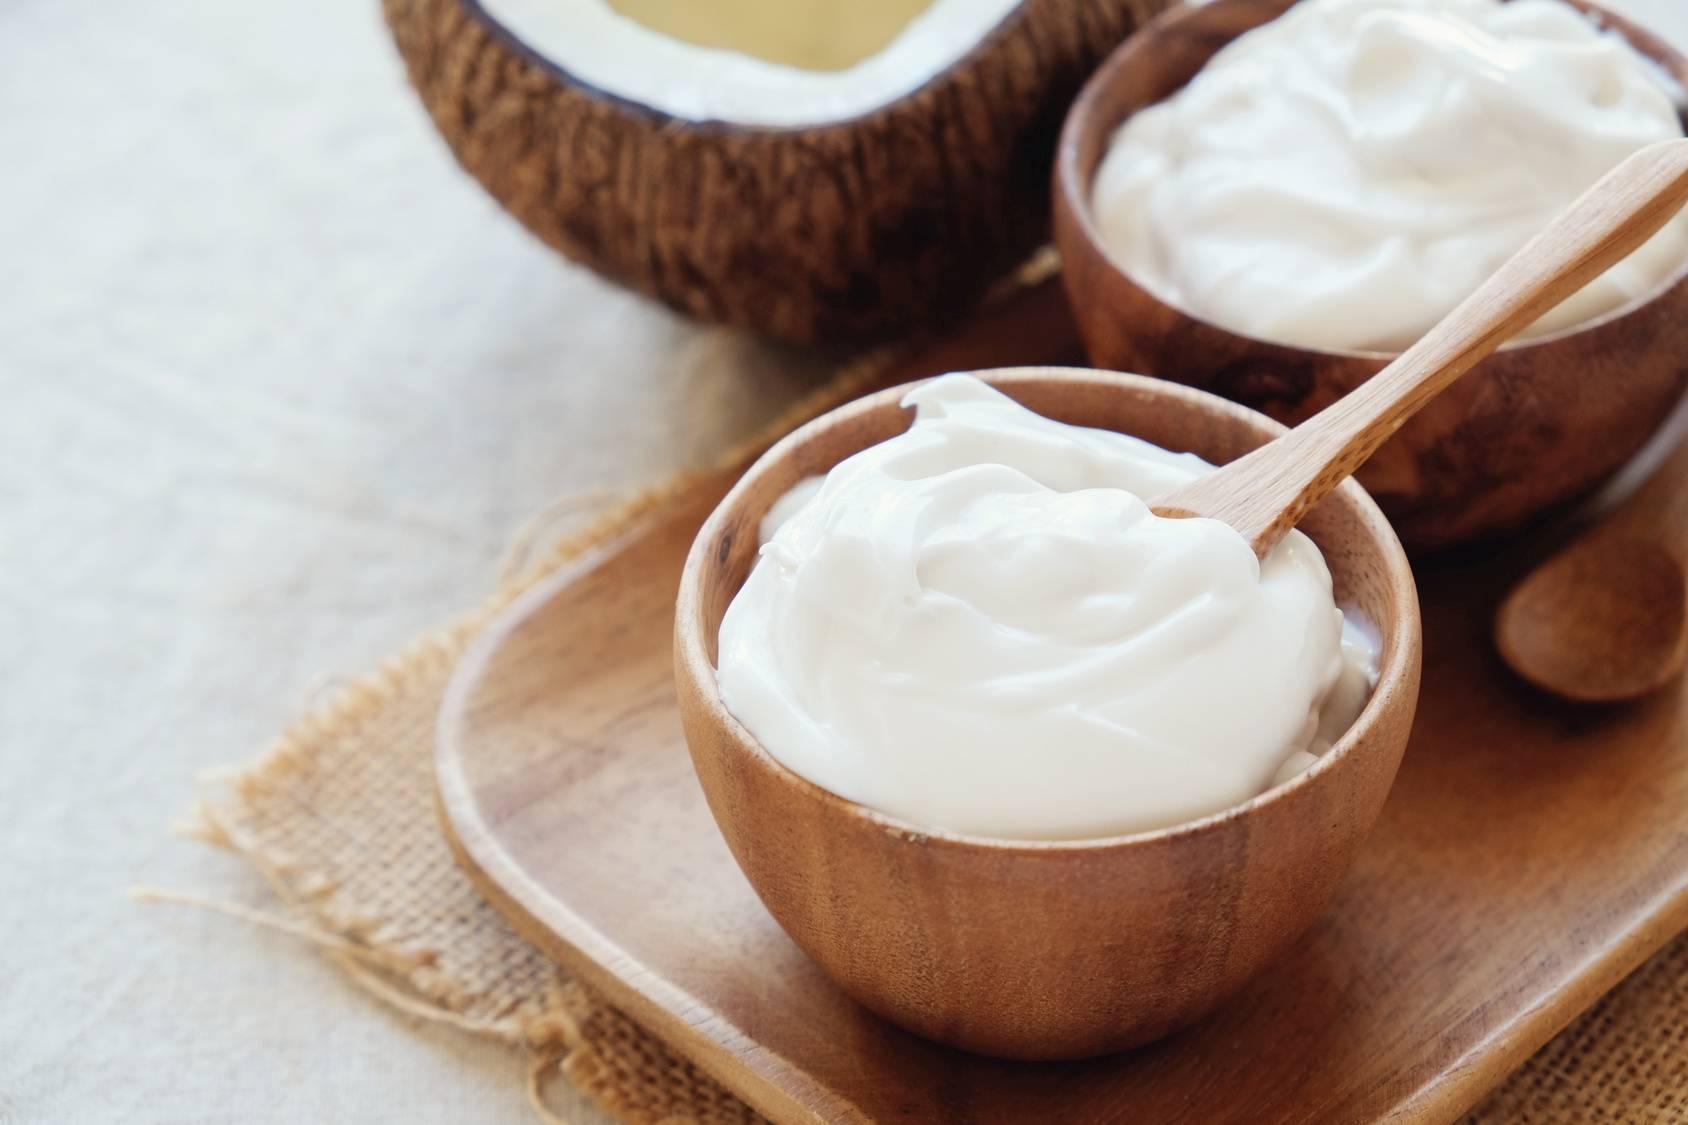 Produkty roślinne fermentowane - jogurt kokosowy